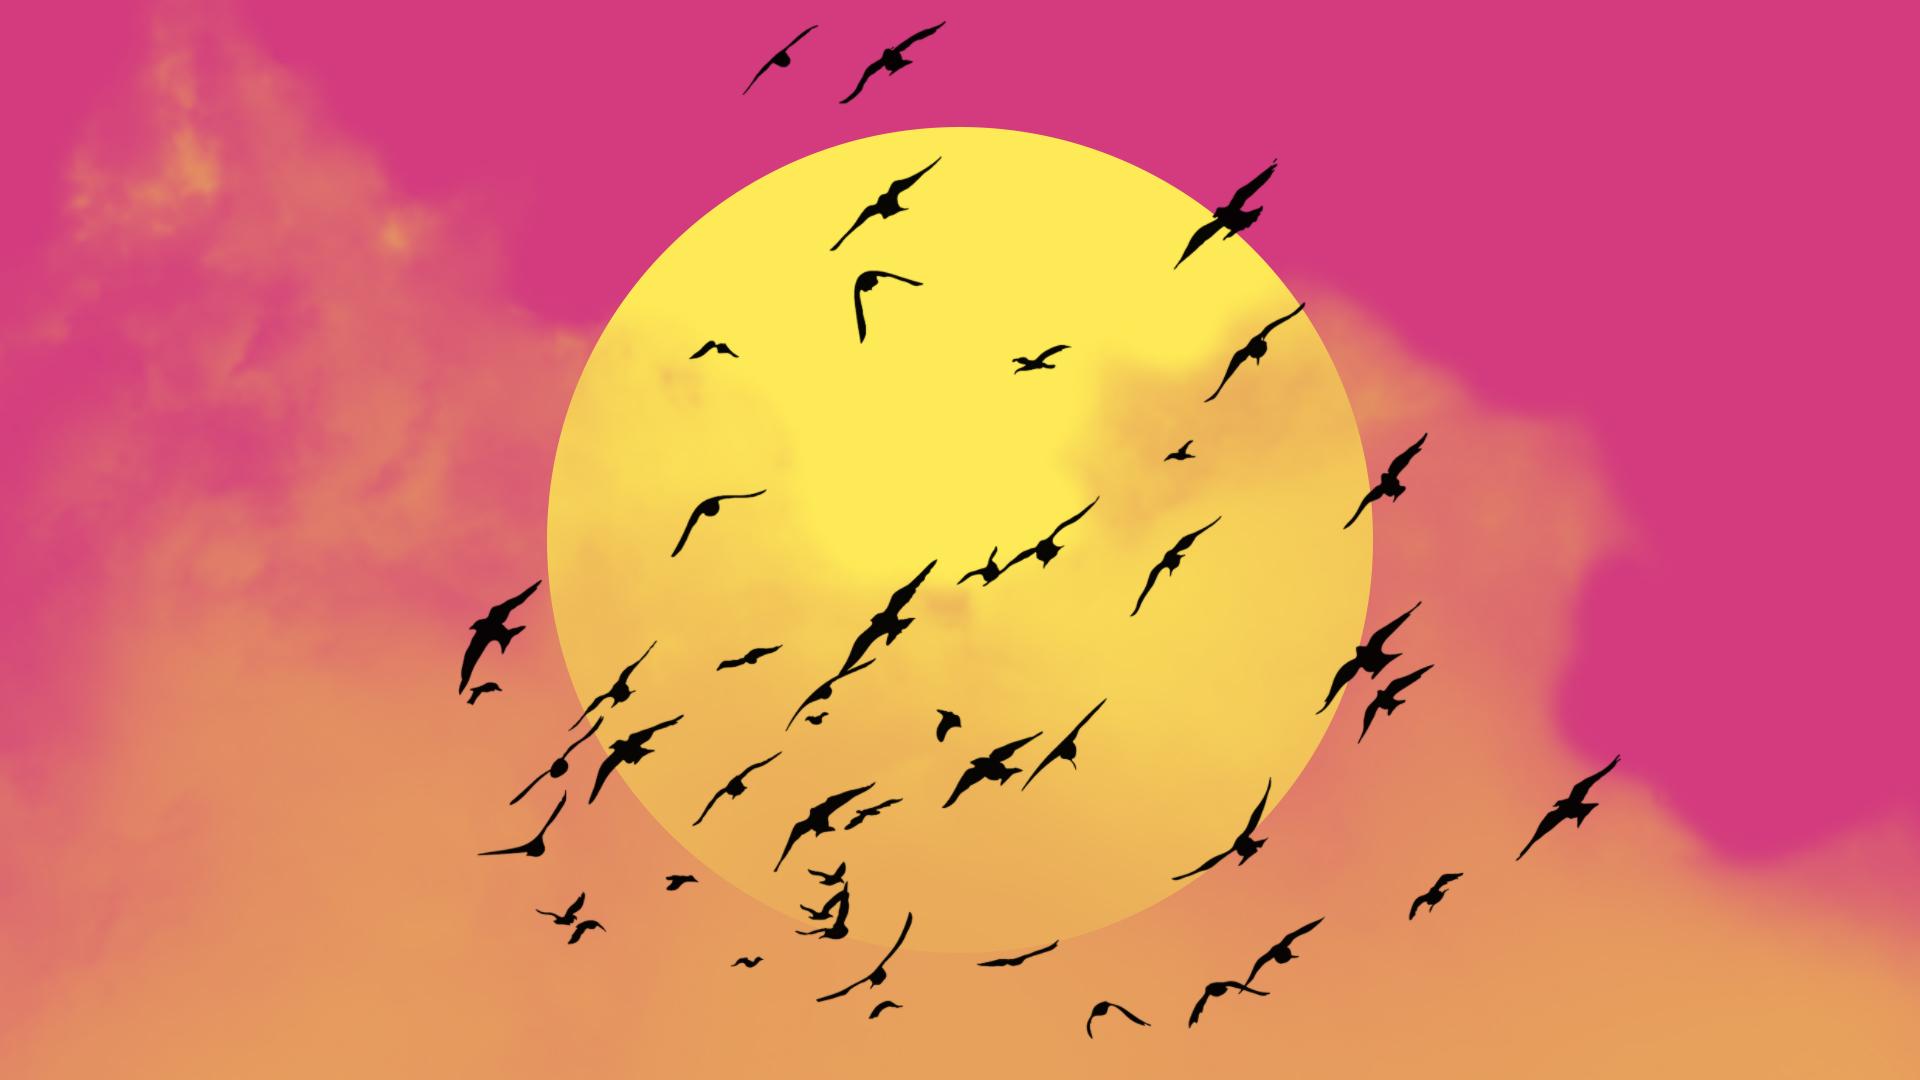 早晨发朋友圈的阳光句子图片,正向有能量,认真努力